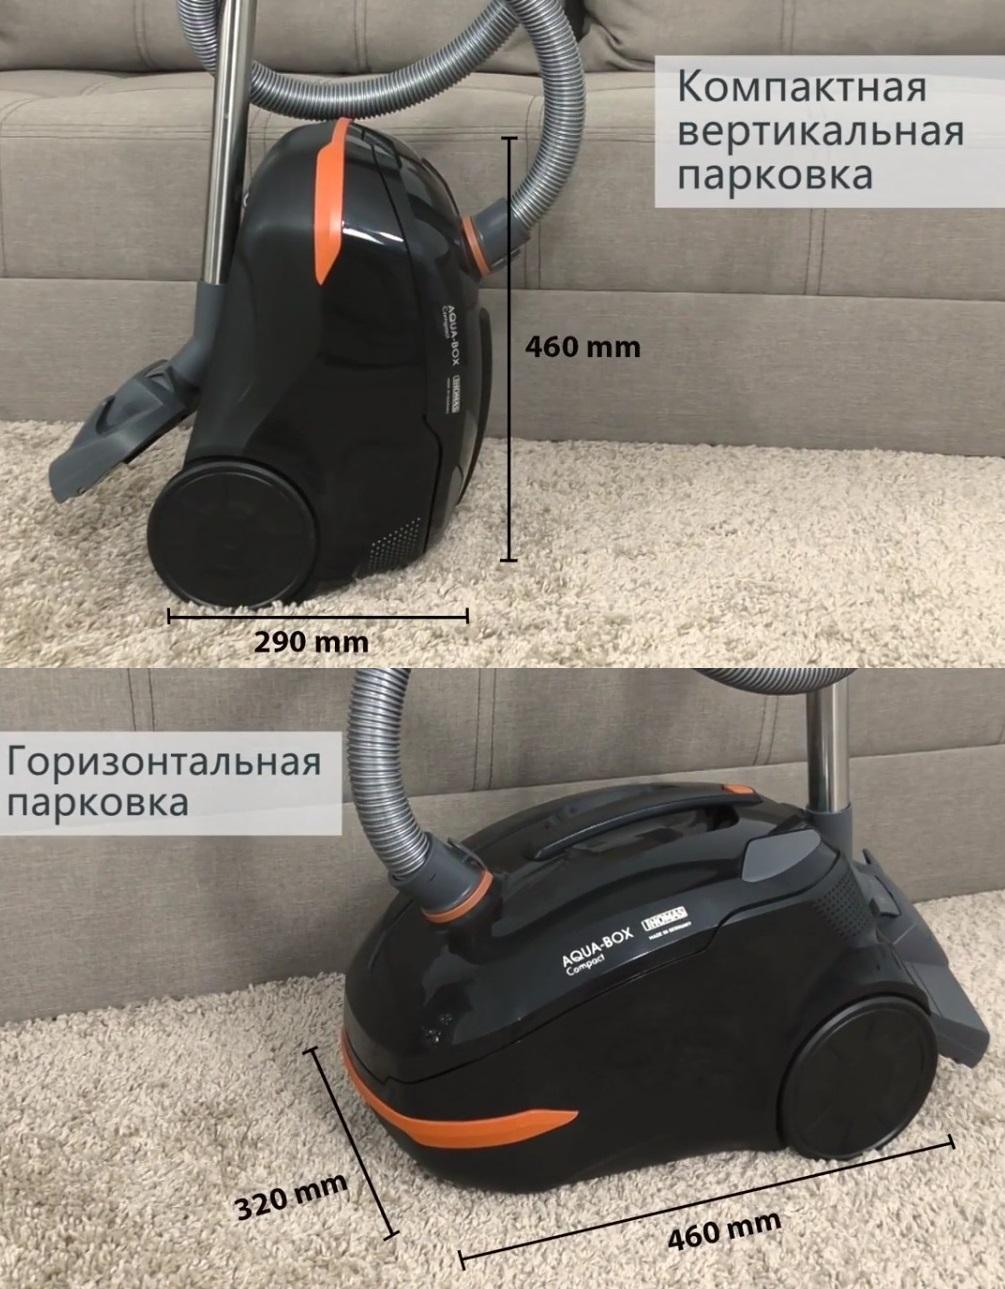 Пылесос thomas aqua-box: обзор, отзывы, сравнение с конкурентами - точка j